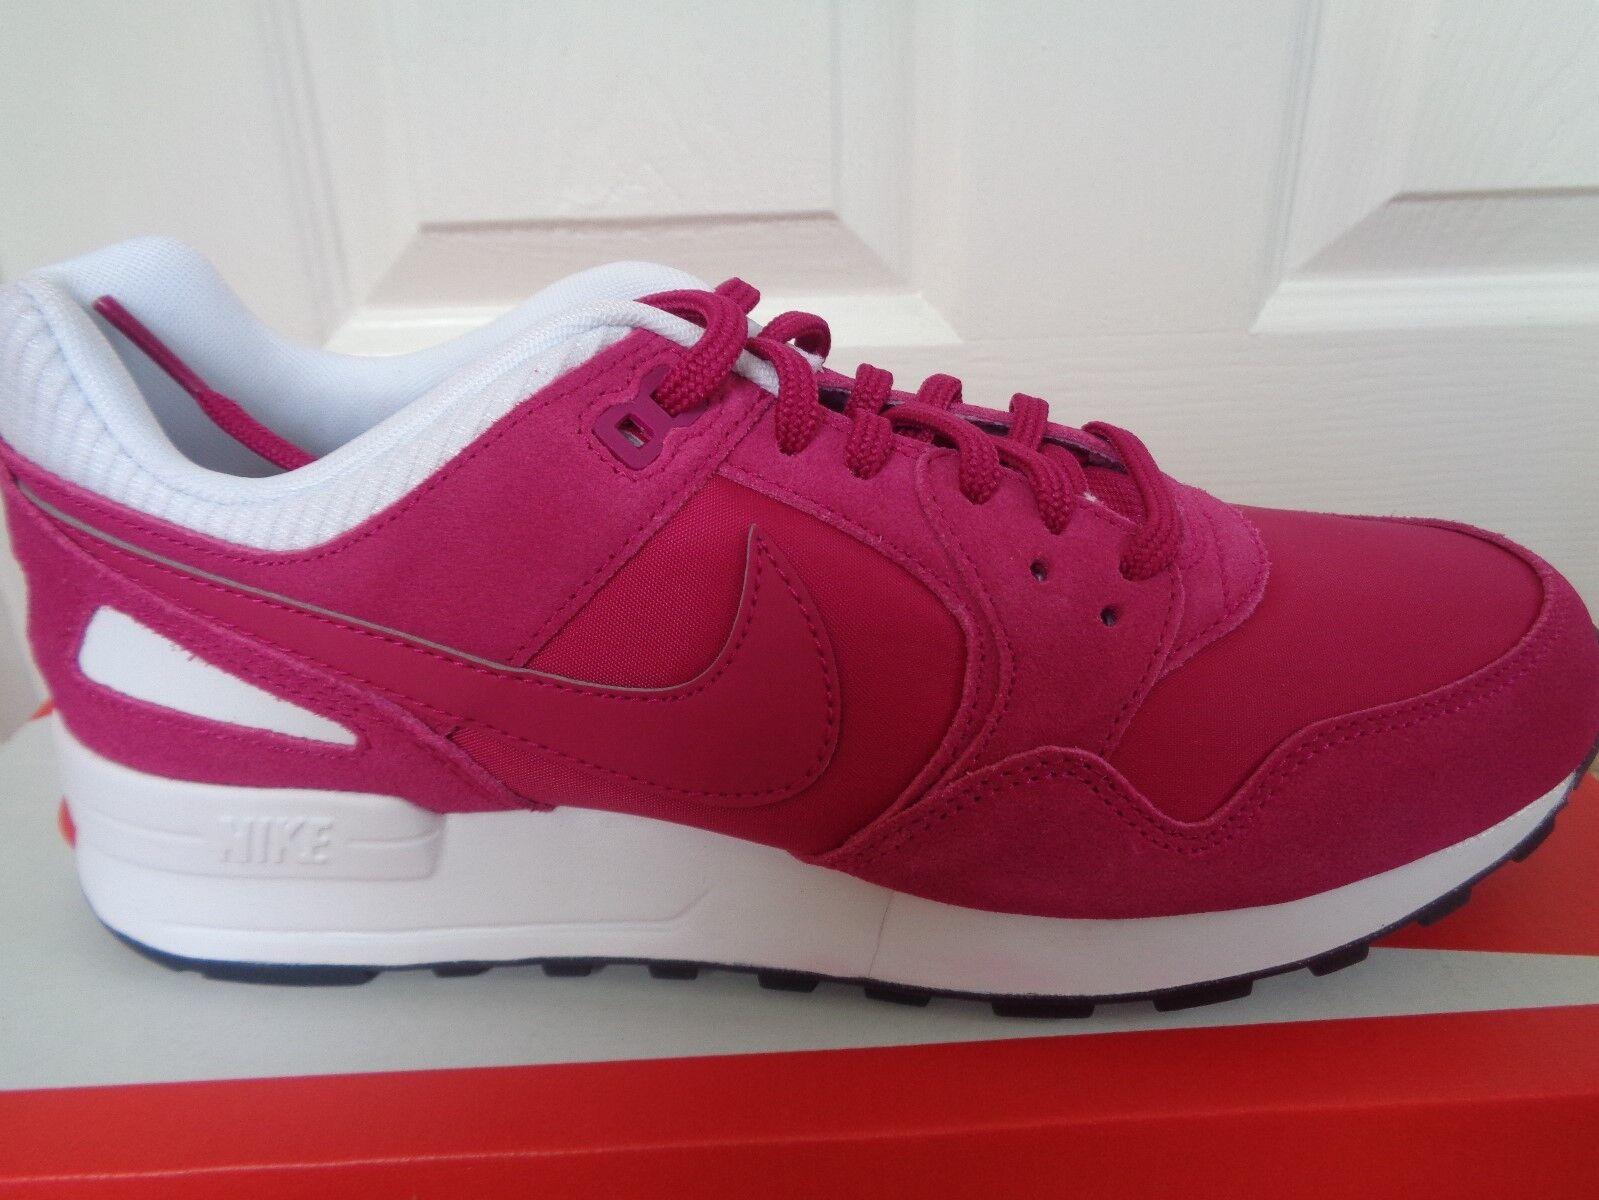 Nike Air Pegasus'89 Mujeres Zapatillas Zapatos Zapatos Zapatos 844888 603 UK 6 EU 40 nos 8.5 Nuevo + Caja 8d9da1